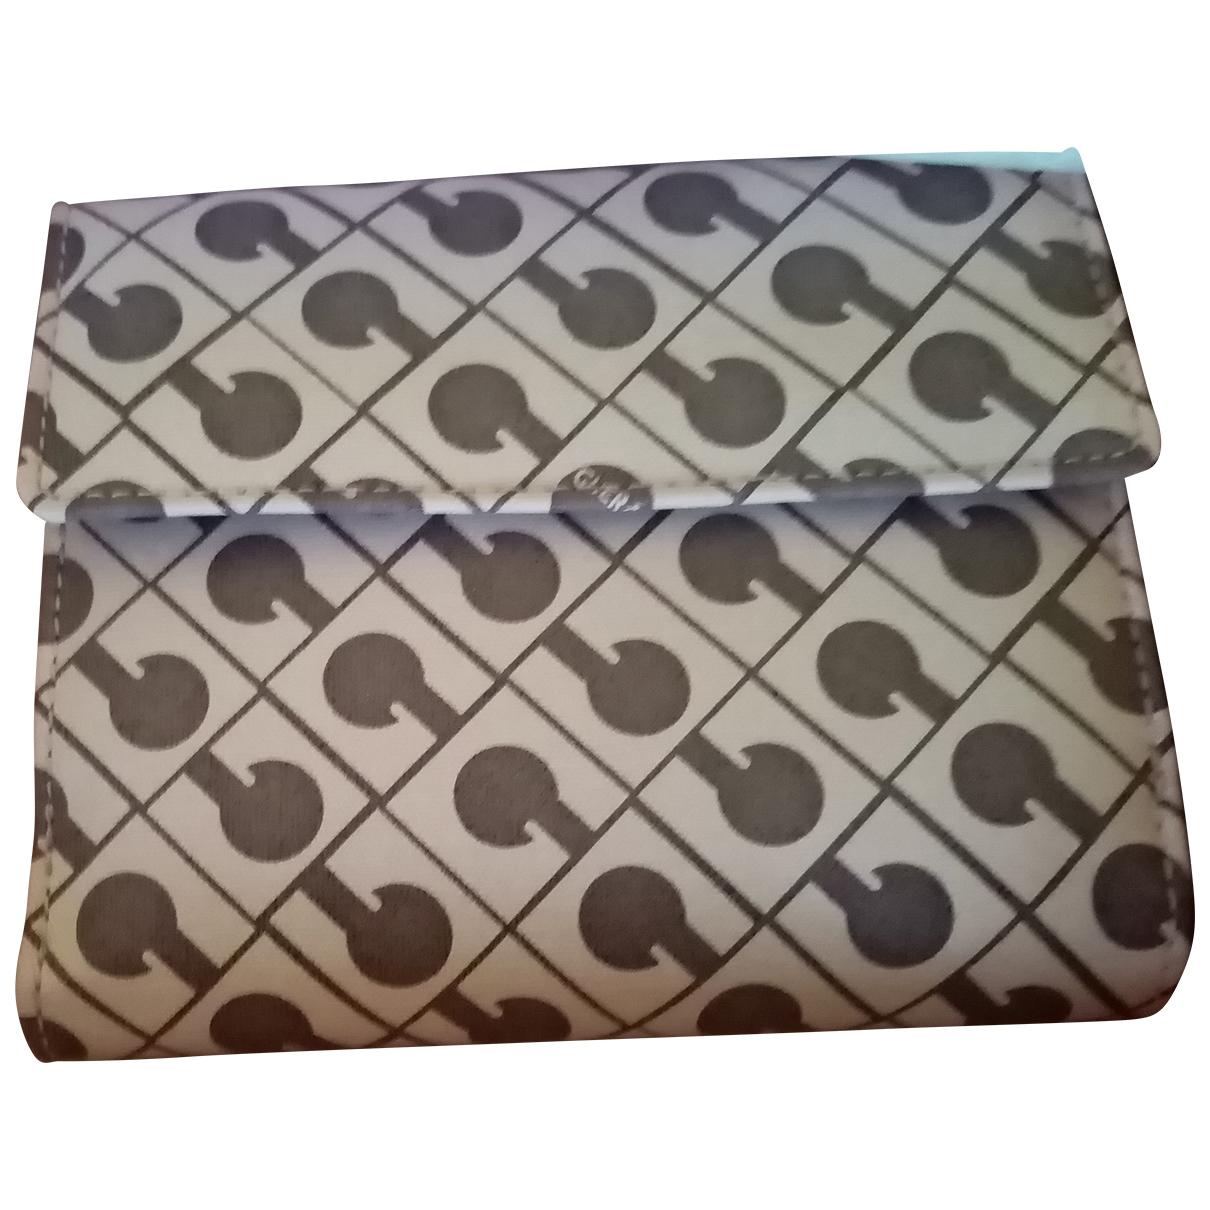 Gherardini \N Brown wallet for Women \N